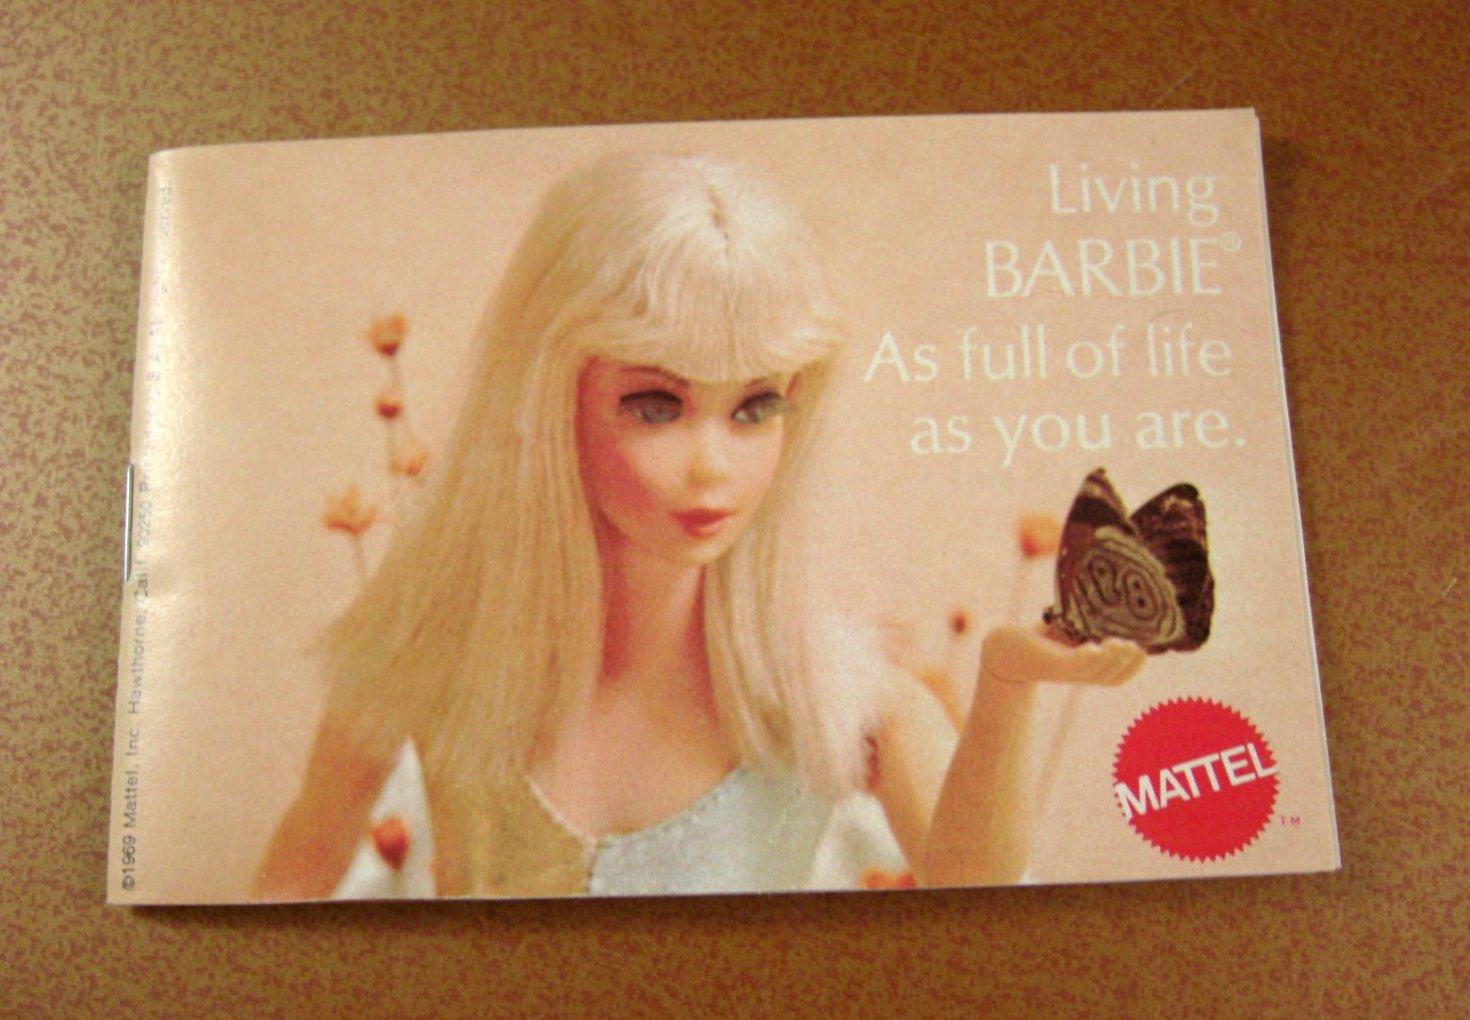 1969 Living Barbie full Color Catalog / Vintage Barbie Advertising